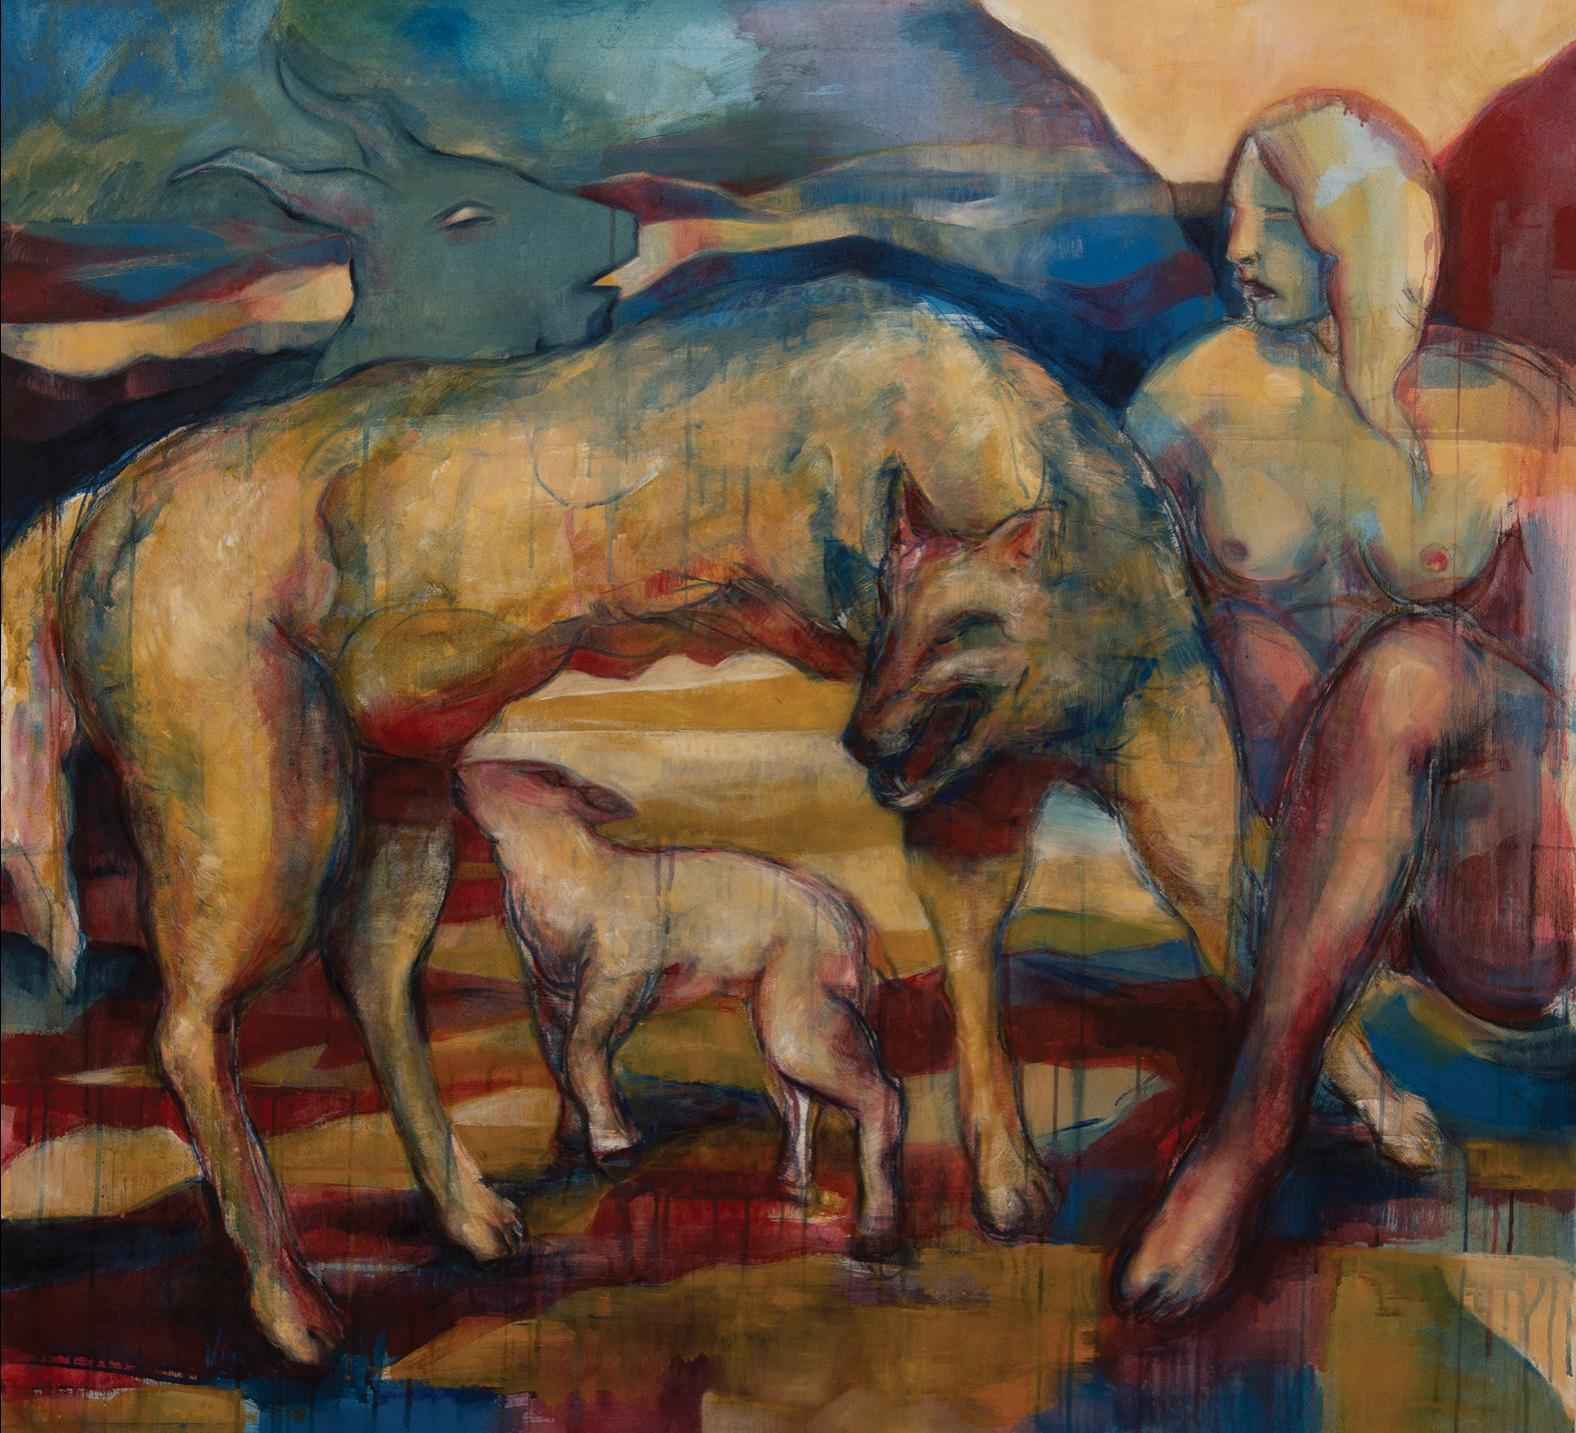 After Eliran Kantor, Goya and Diana (and Acteon) (2020), Gabriel Buttigieg